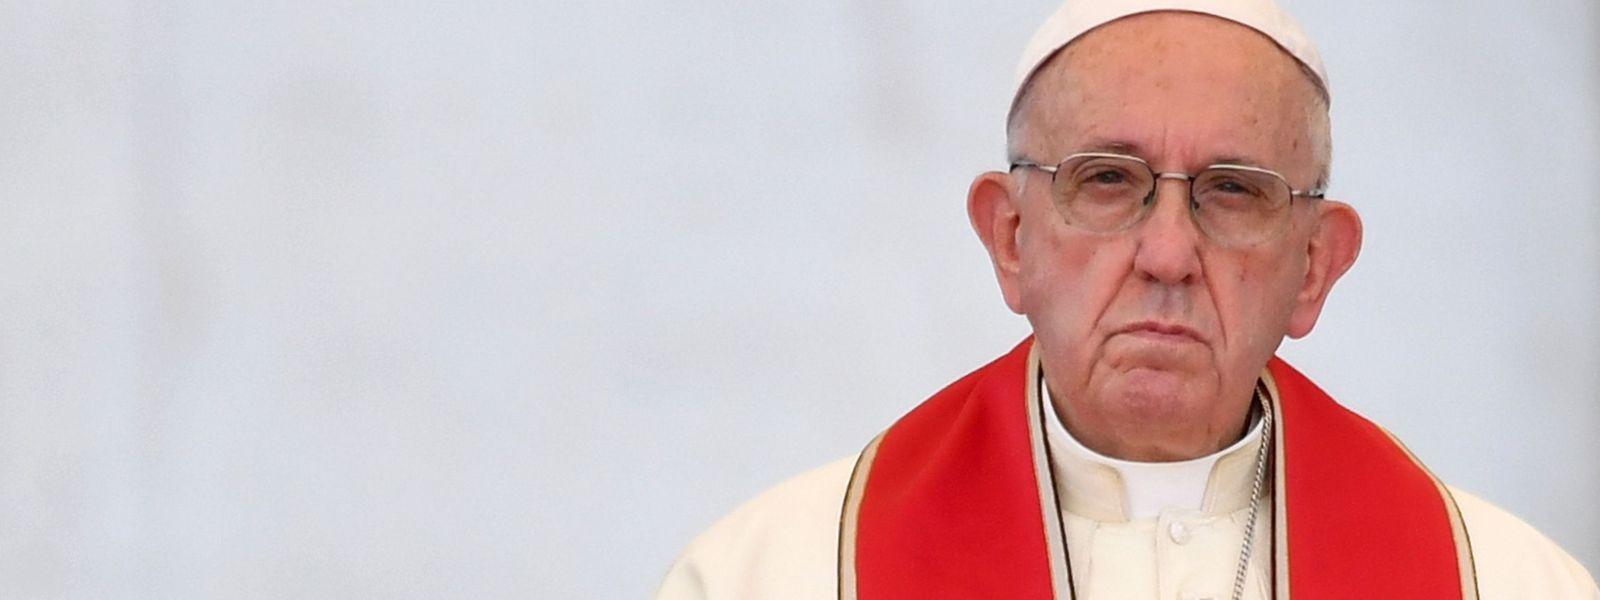 Papst Franziskus ist entschieden gegen die Todesstrafe.